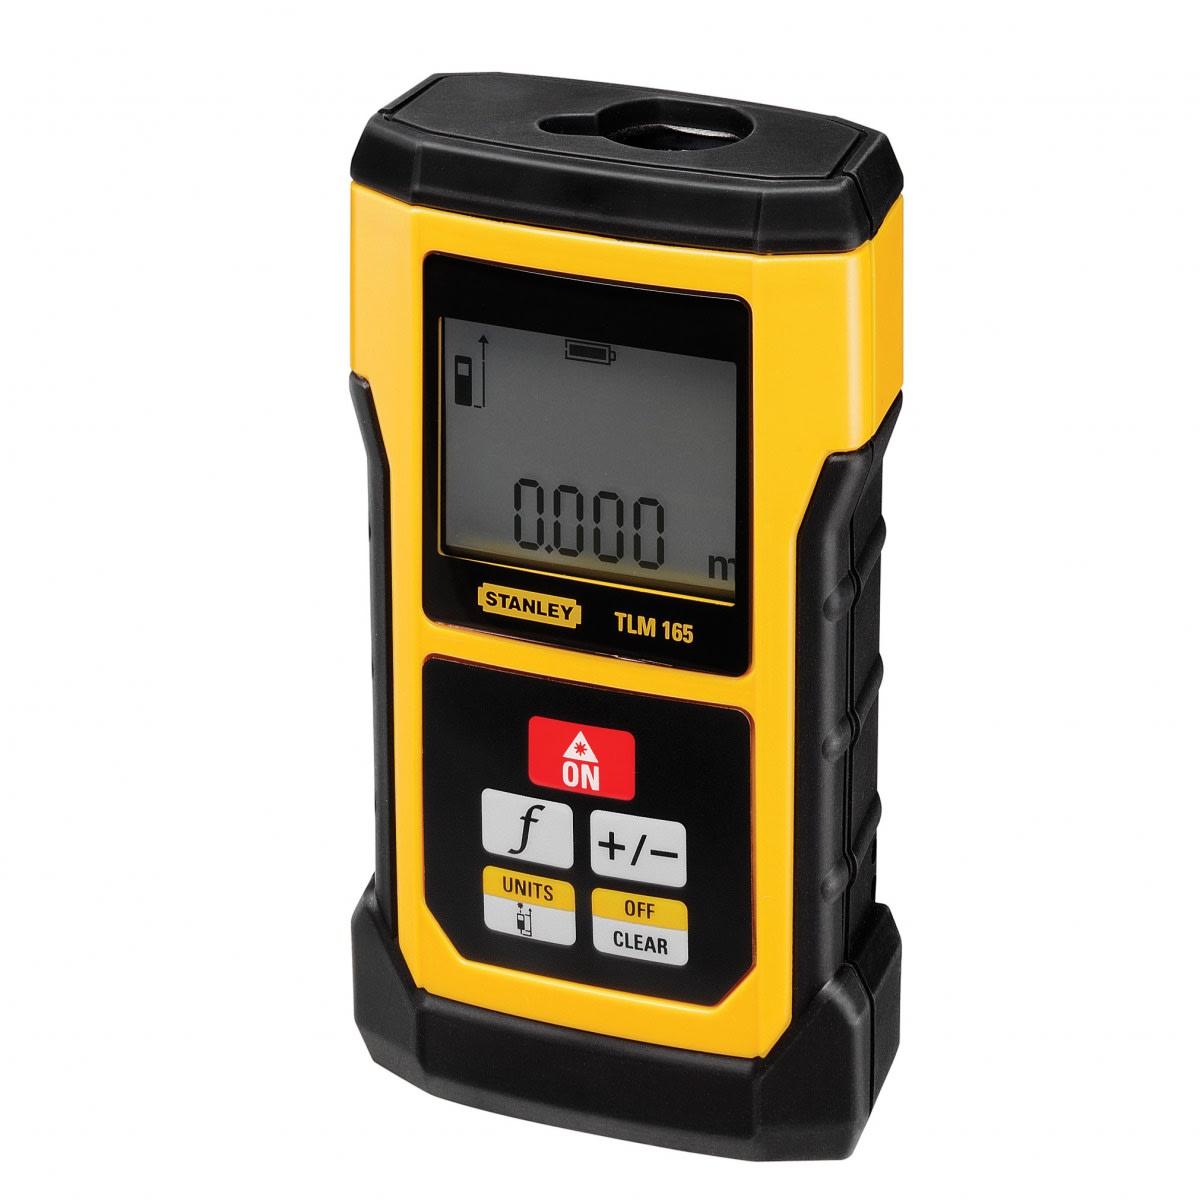 Máy đo khoảng cách tia laser 50m TLM165S Stanley STHT1-77139 STHT1-77139 Stanley | Giá rẻ nhất - Công Ty TNHH Thương Mại Dịch Vụ Đạt Tâm